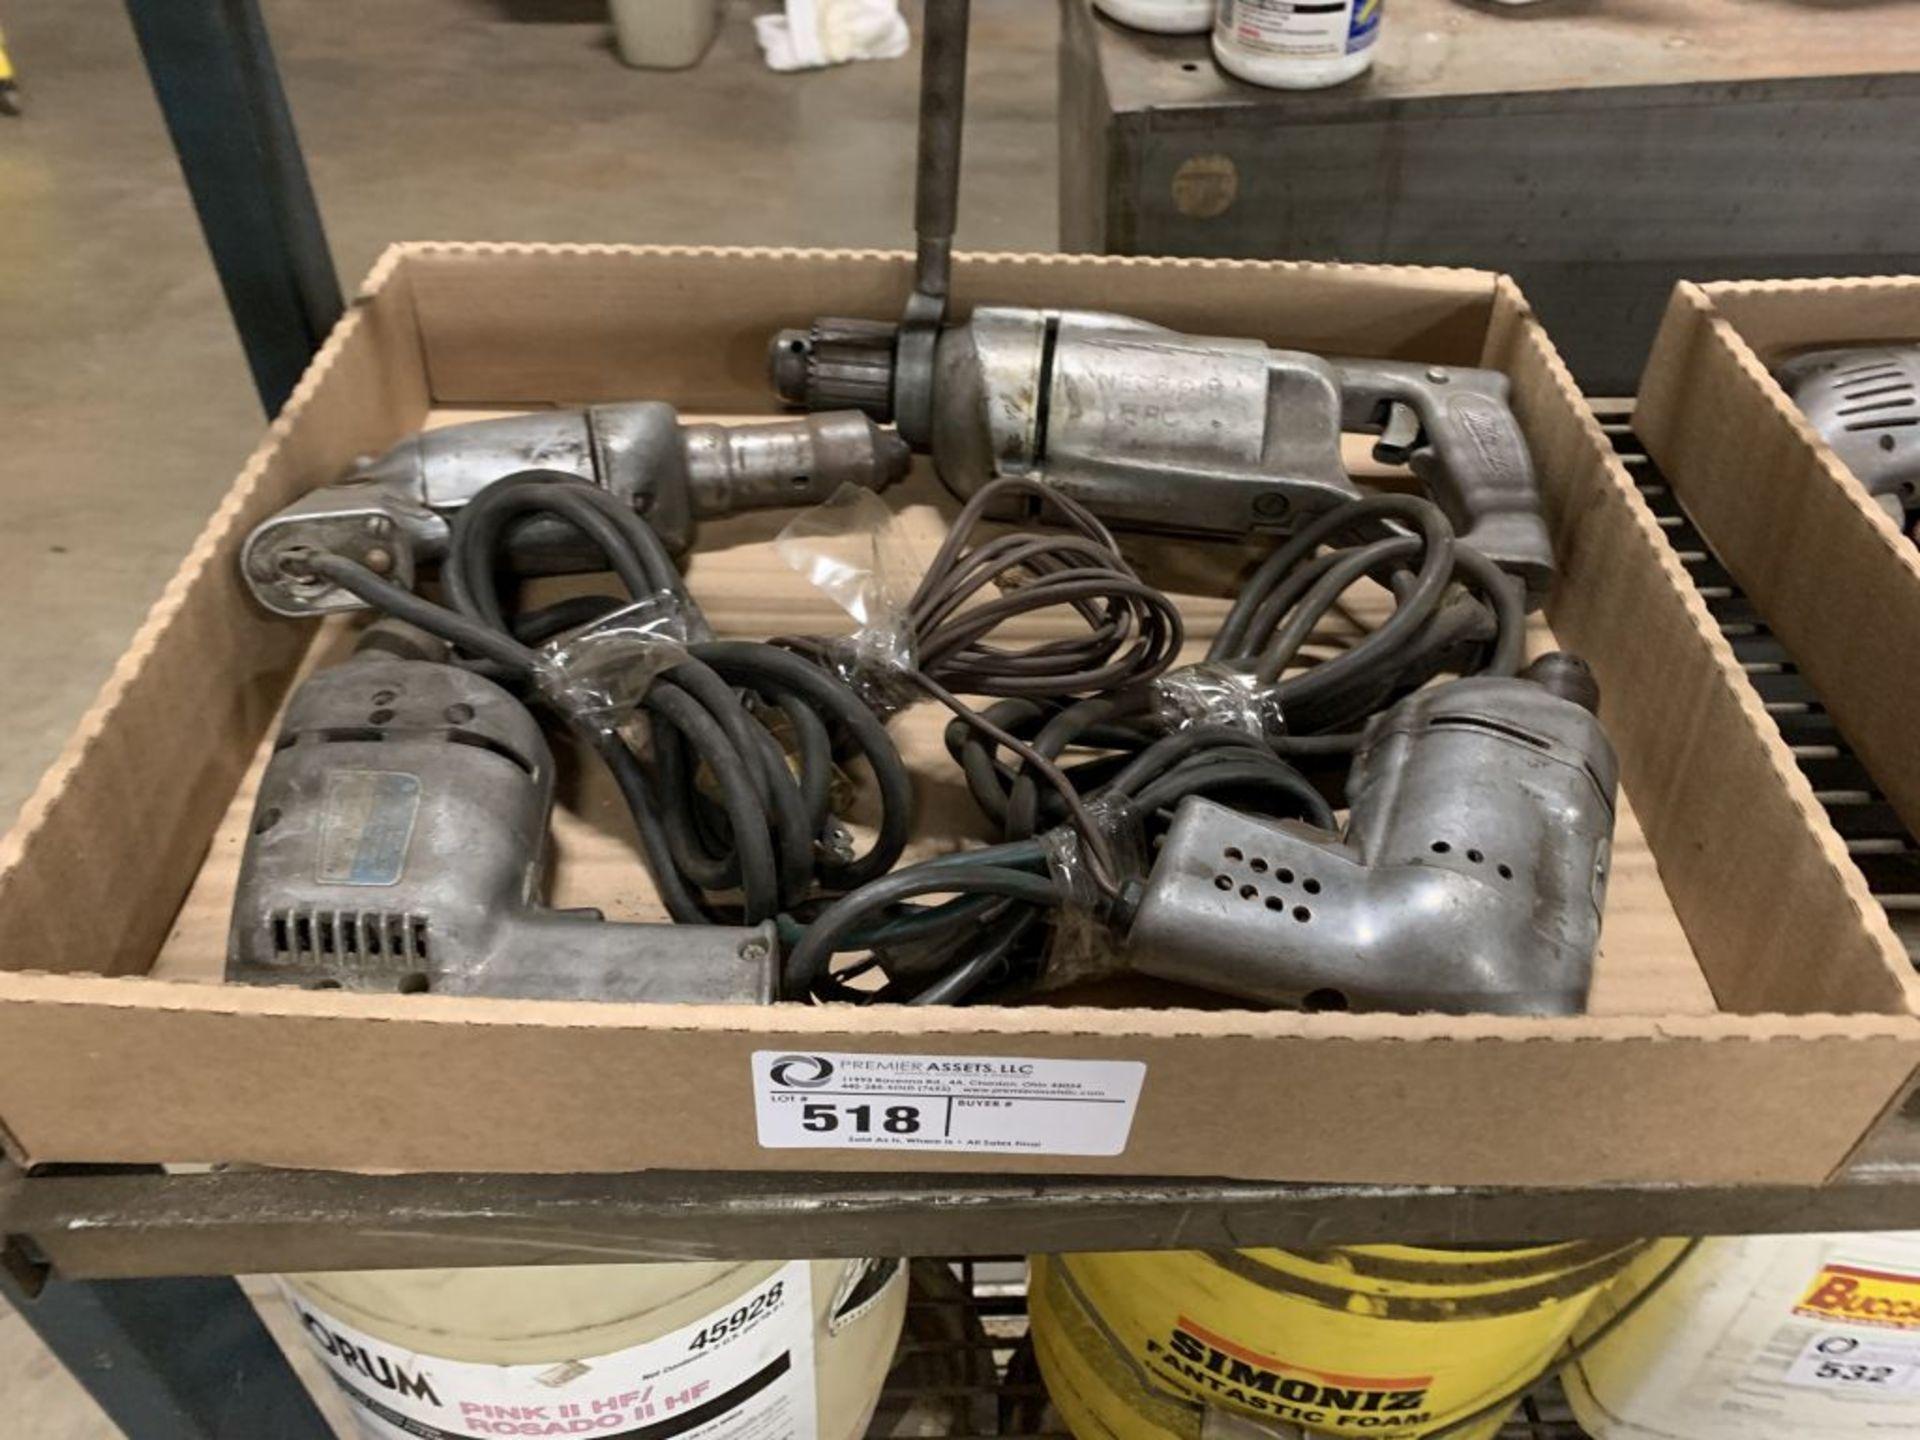 (4) Electric Drill Motors